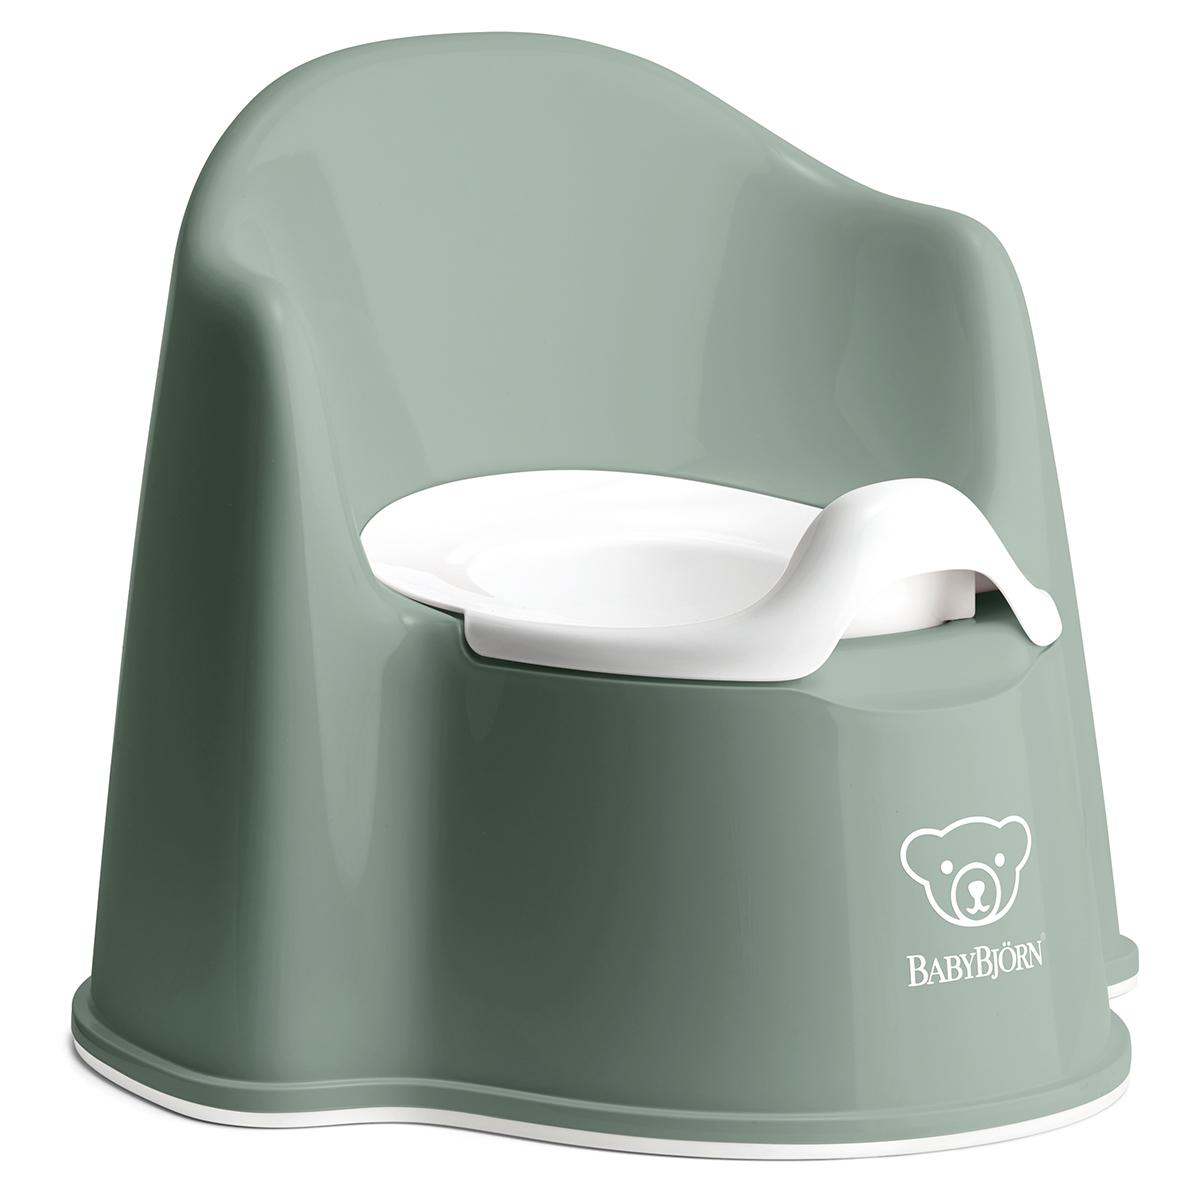 Pot & Réducteur Pot Fauteuil - Vert Profond et Blanc Pot Fauteuil - Vert Profond et Blanc